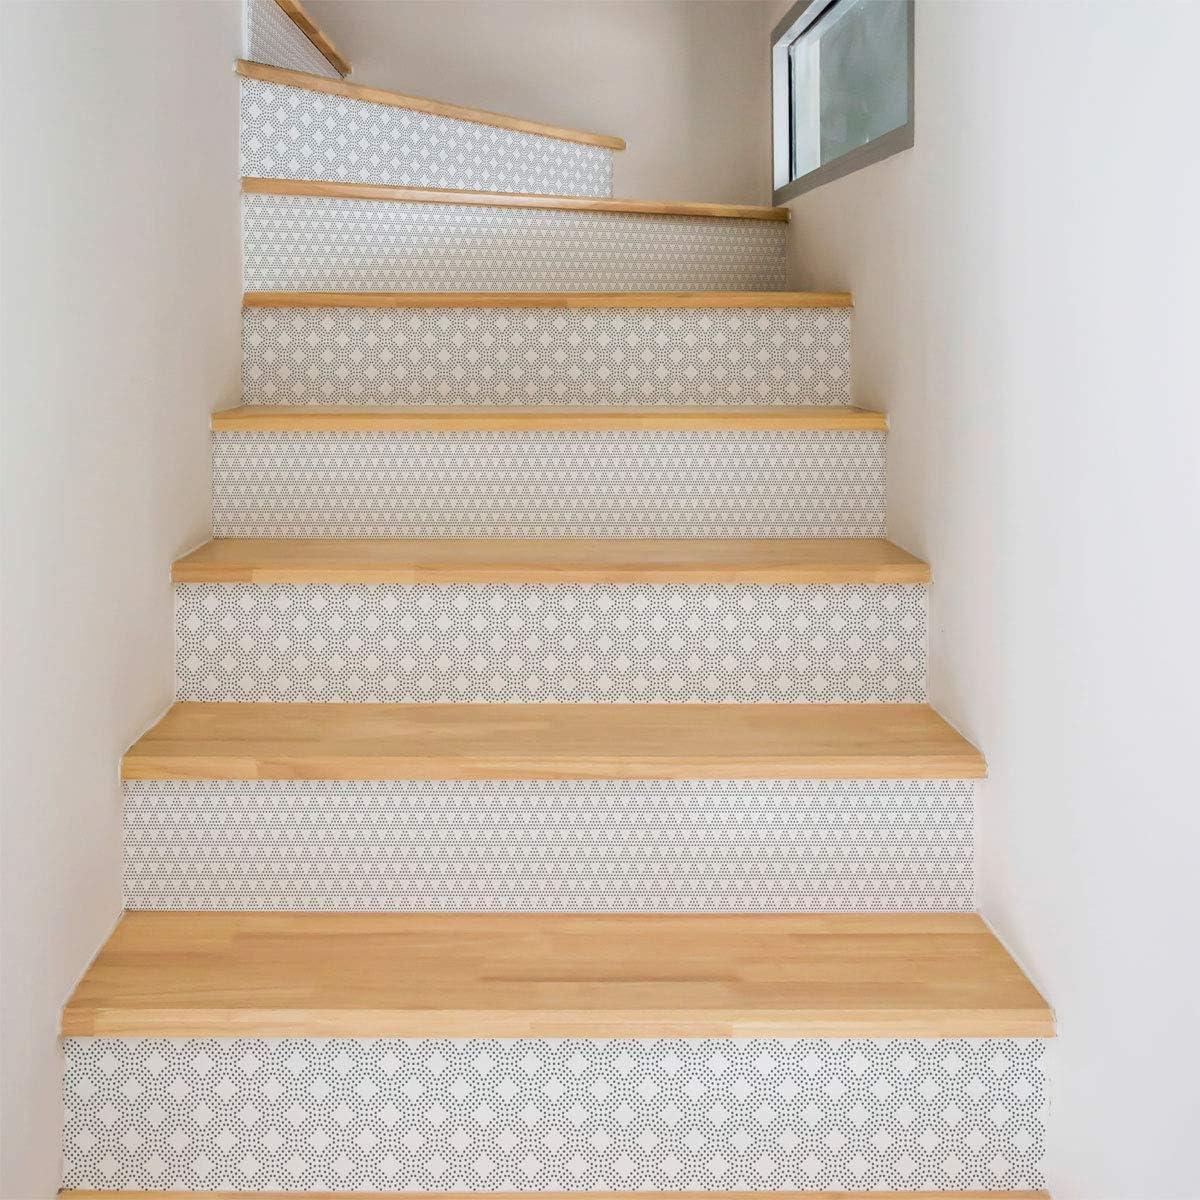 Ambiance-Live col-stairs-ROS-B092_30 x 105 cm, 2 pegatinas de azulejos de escaleras, Vinilo, Oskar, 4 tiras de 15 x 105 cm: Amazon.es: Hogar